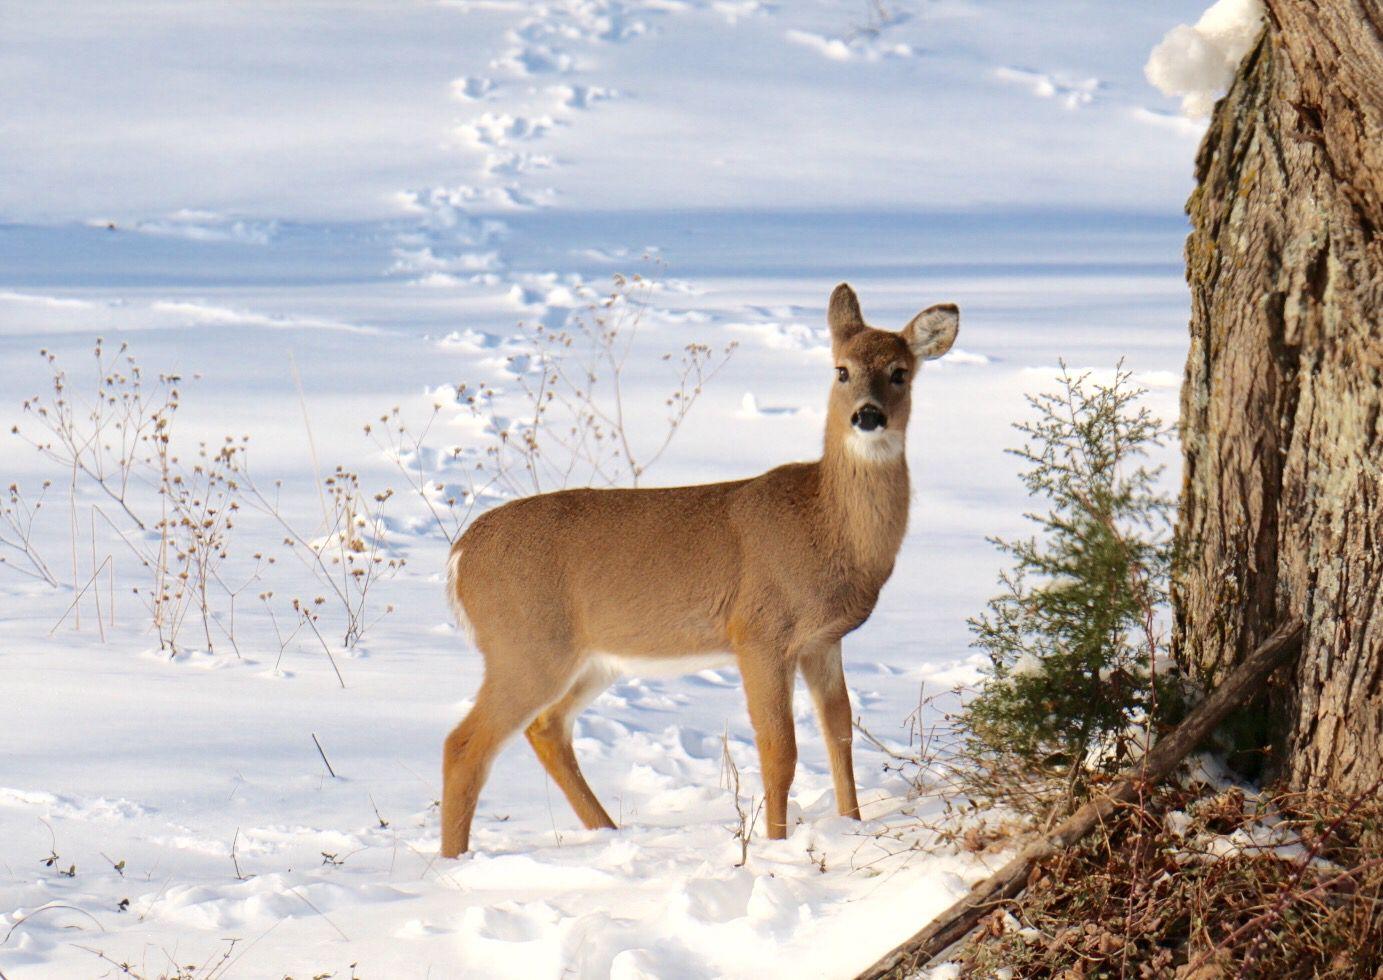 Deer in snow 2016